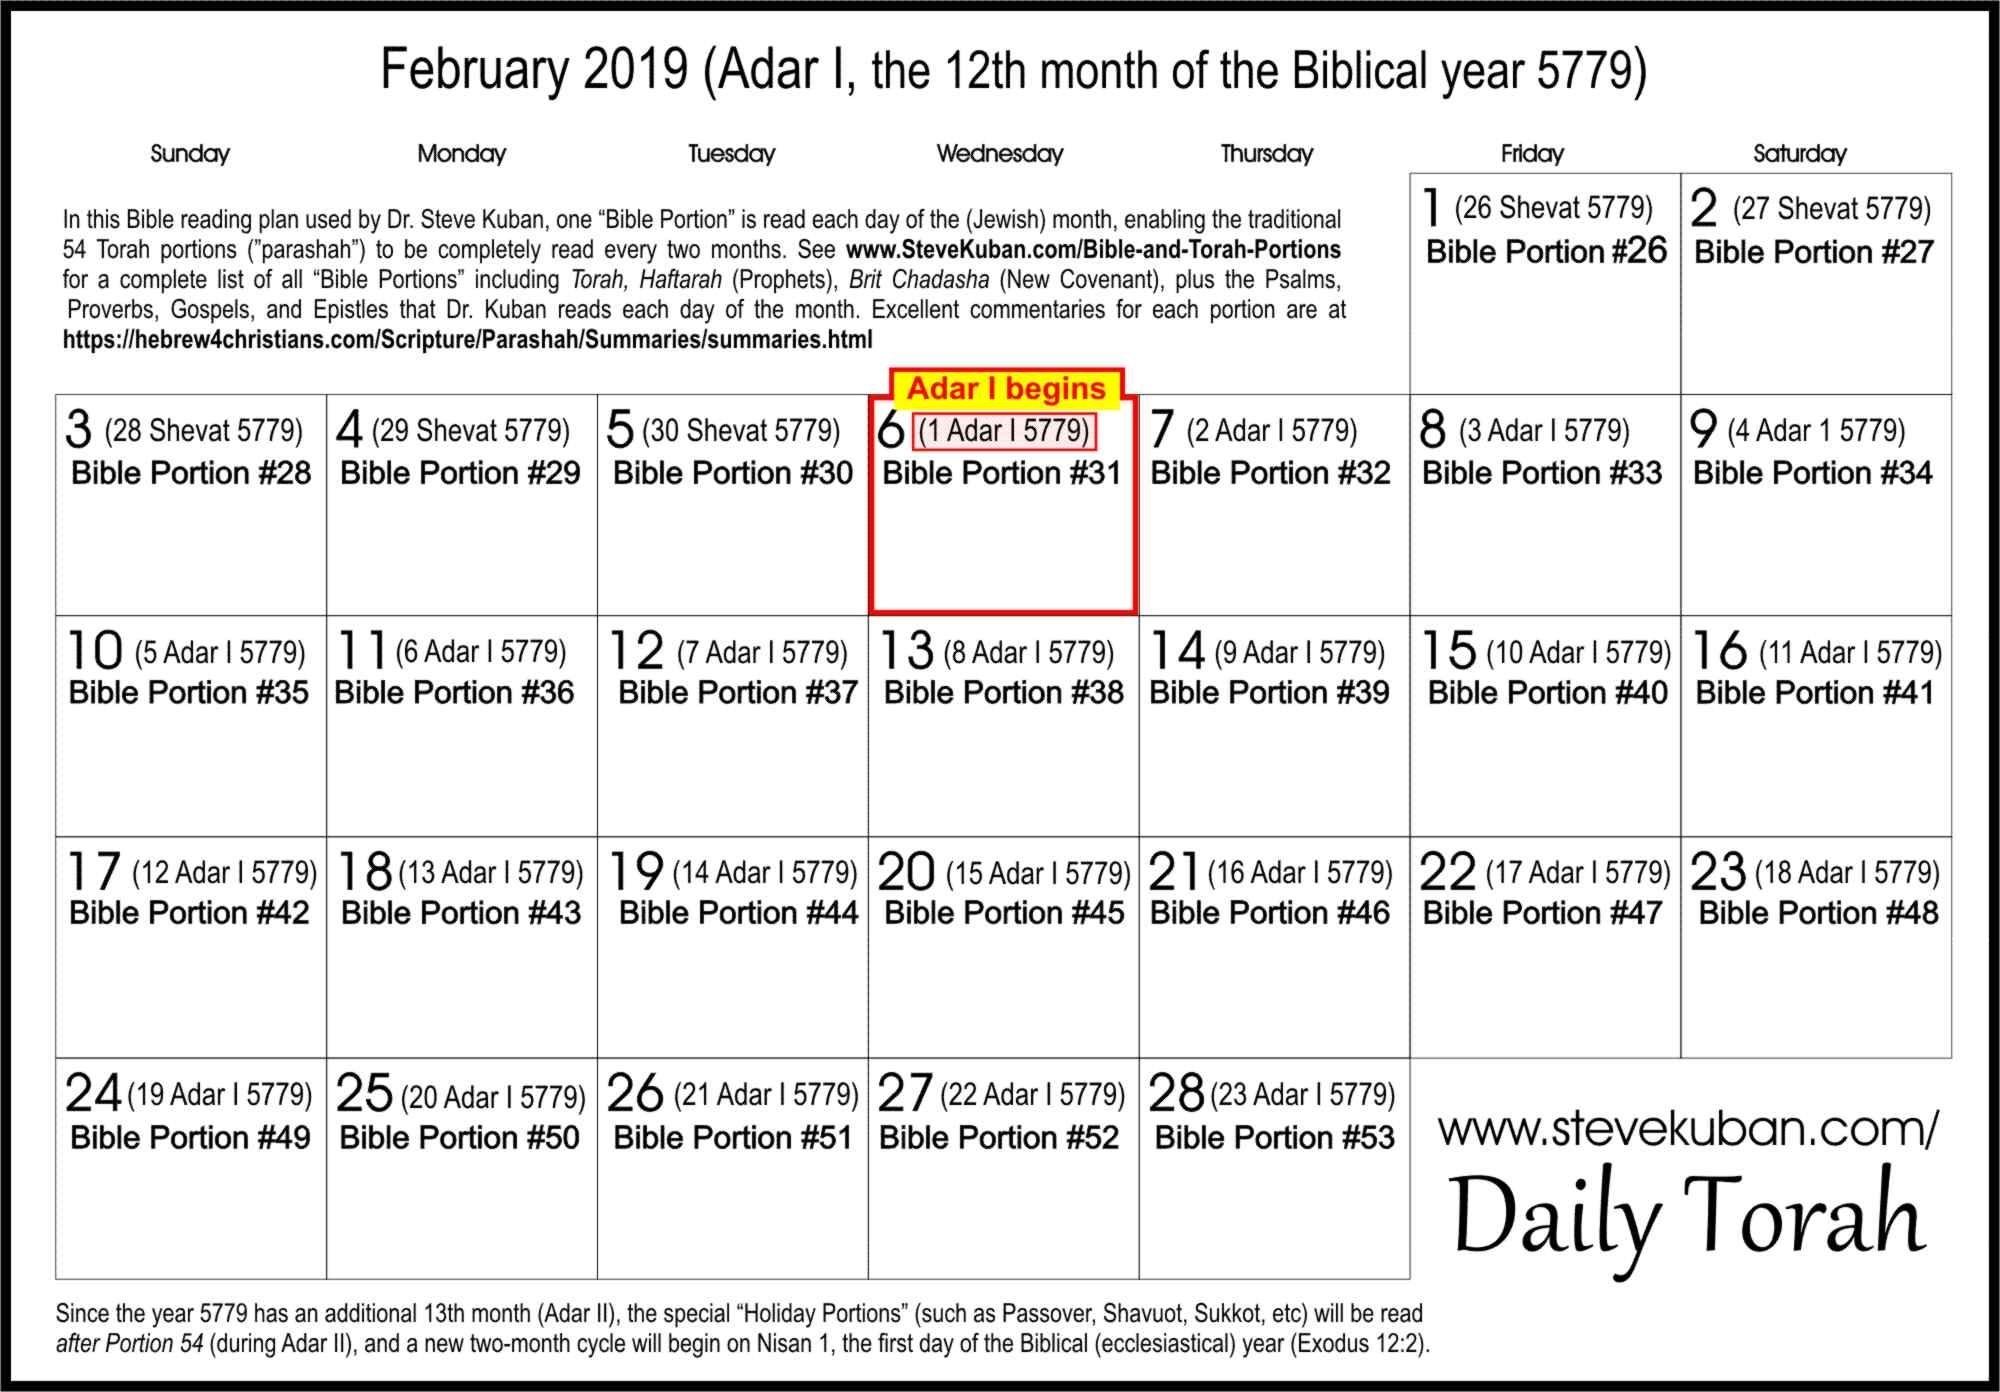 Steve Kuban - Daily Torah